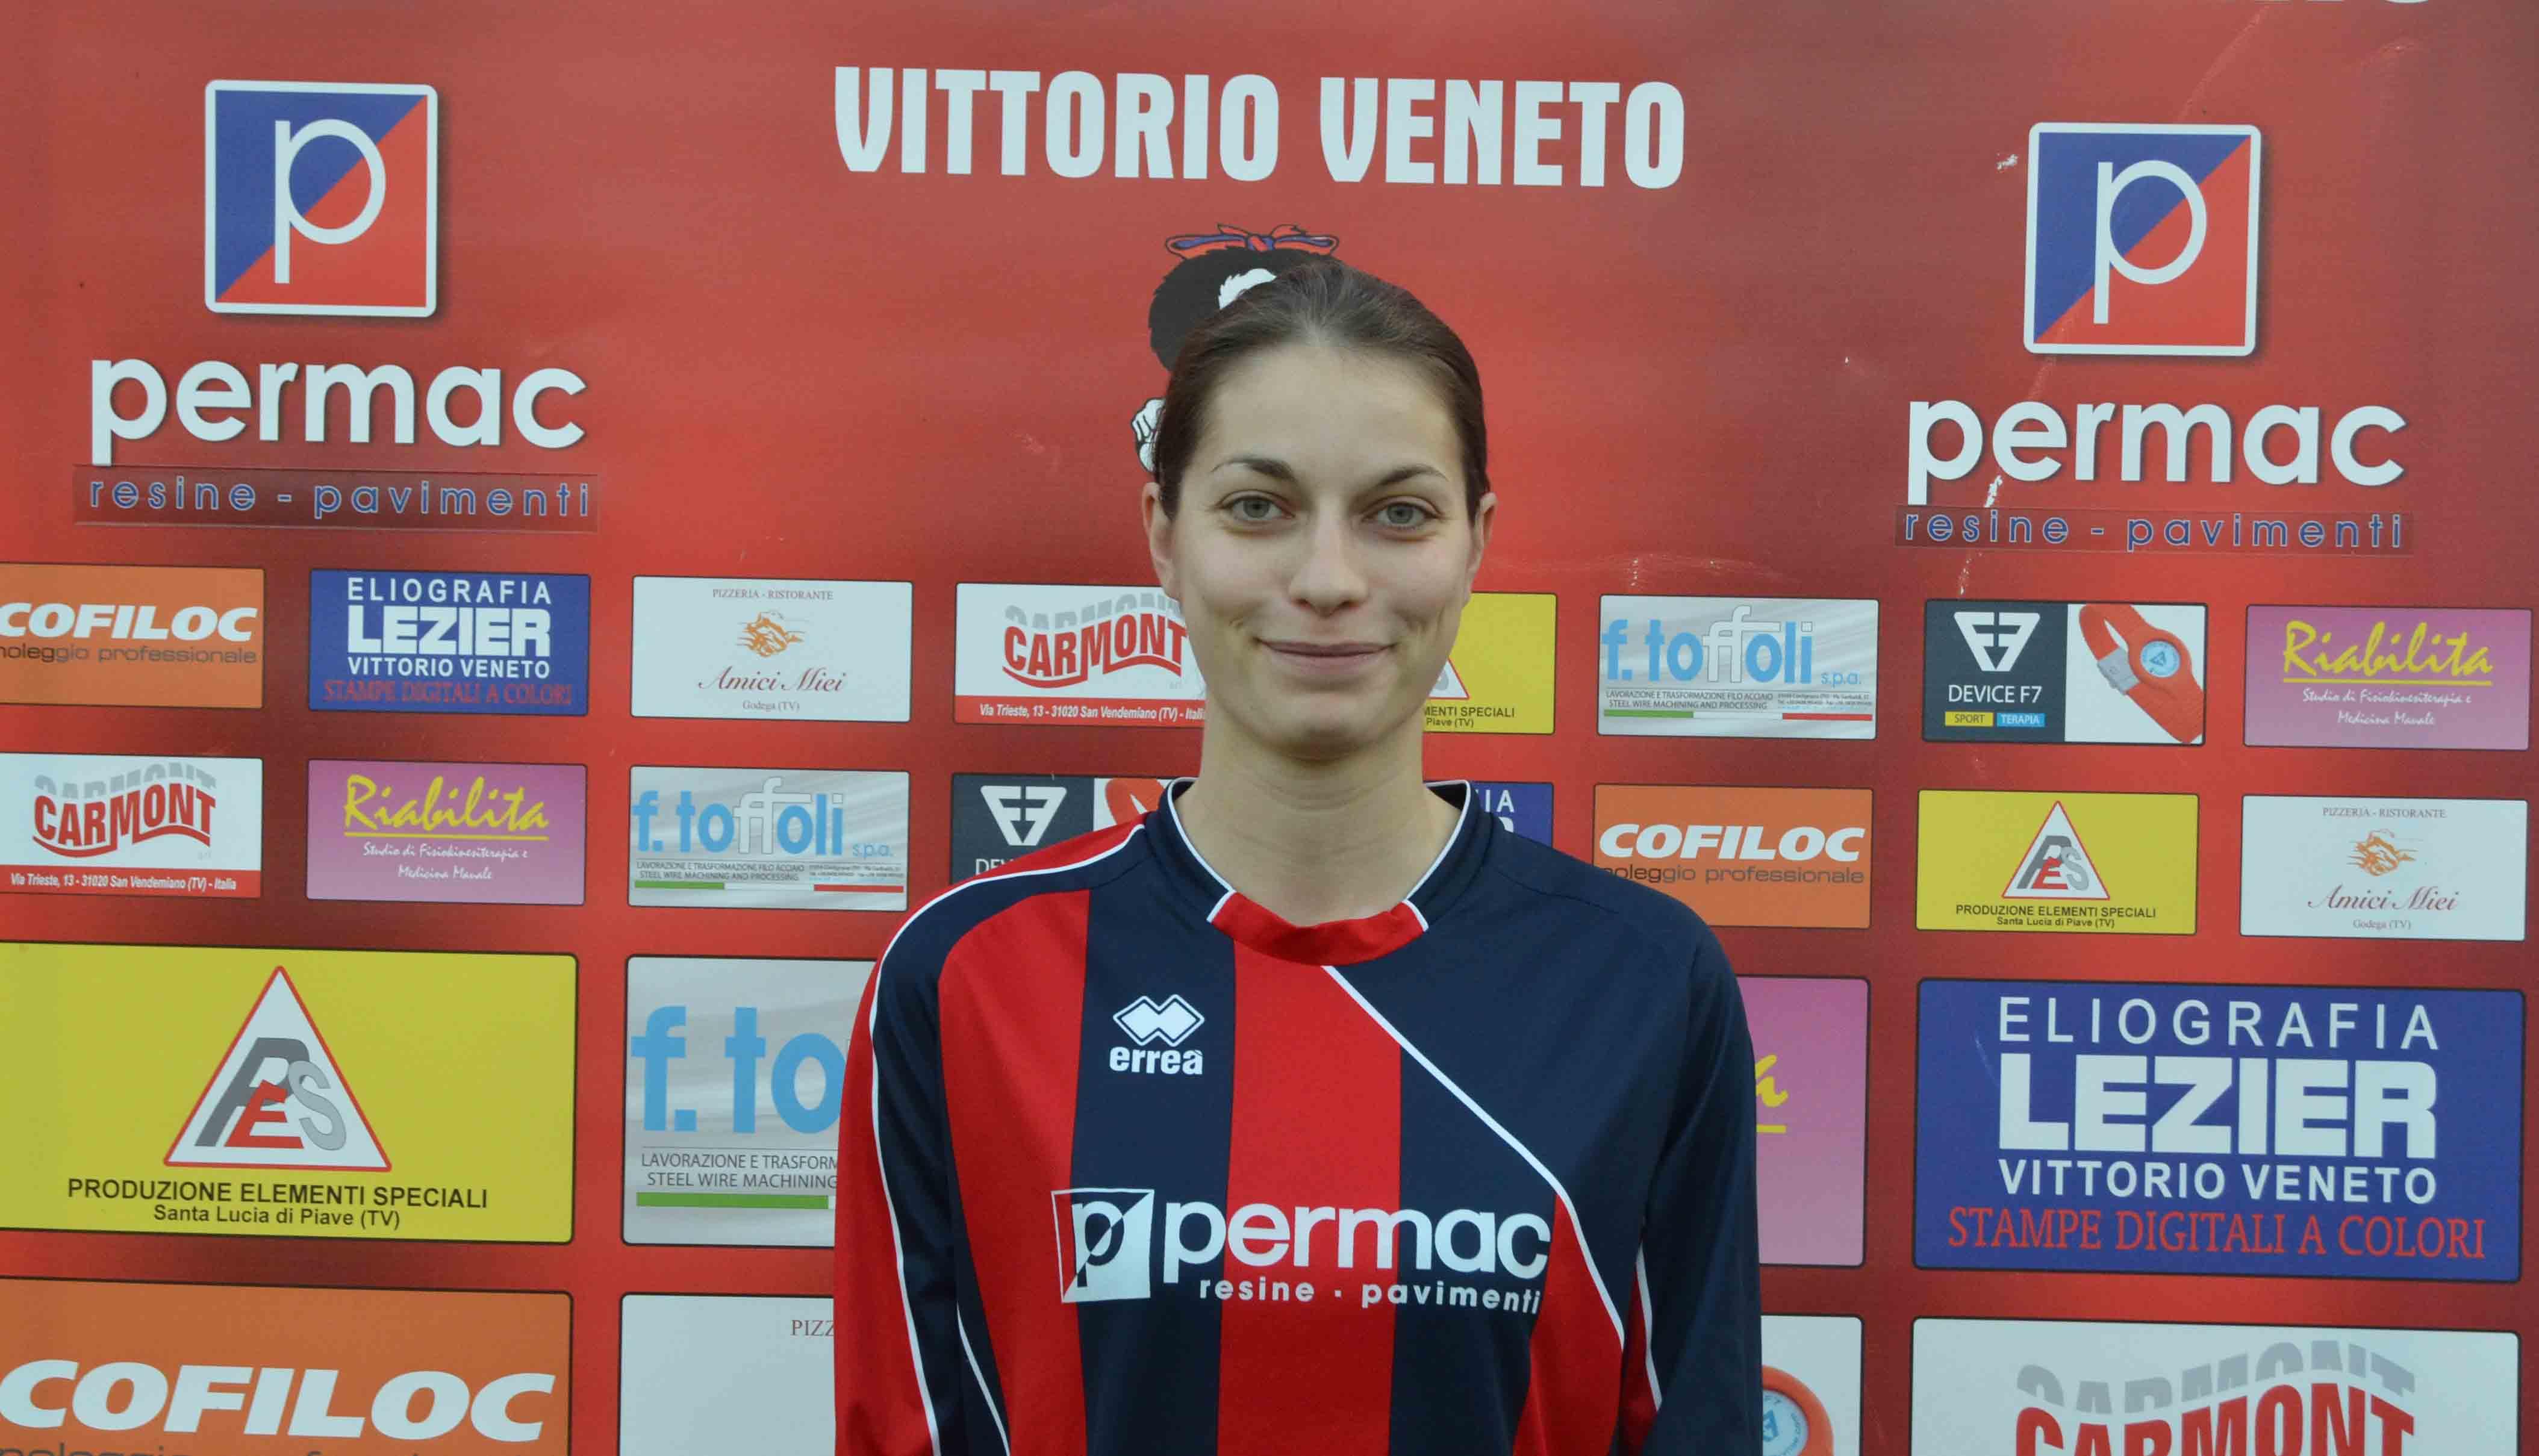 """Permac Vittorio Veneto   Official Site » Da Re:""""A great honor to"""